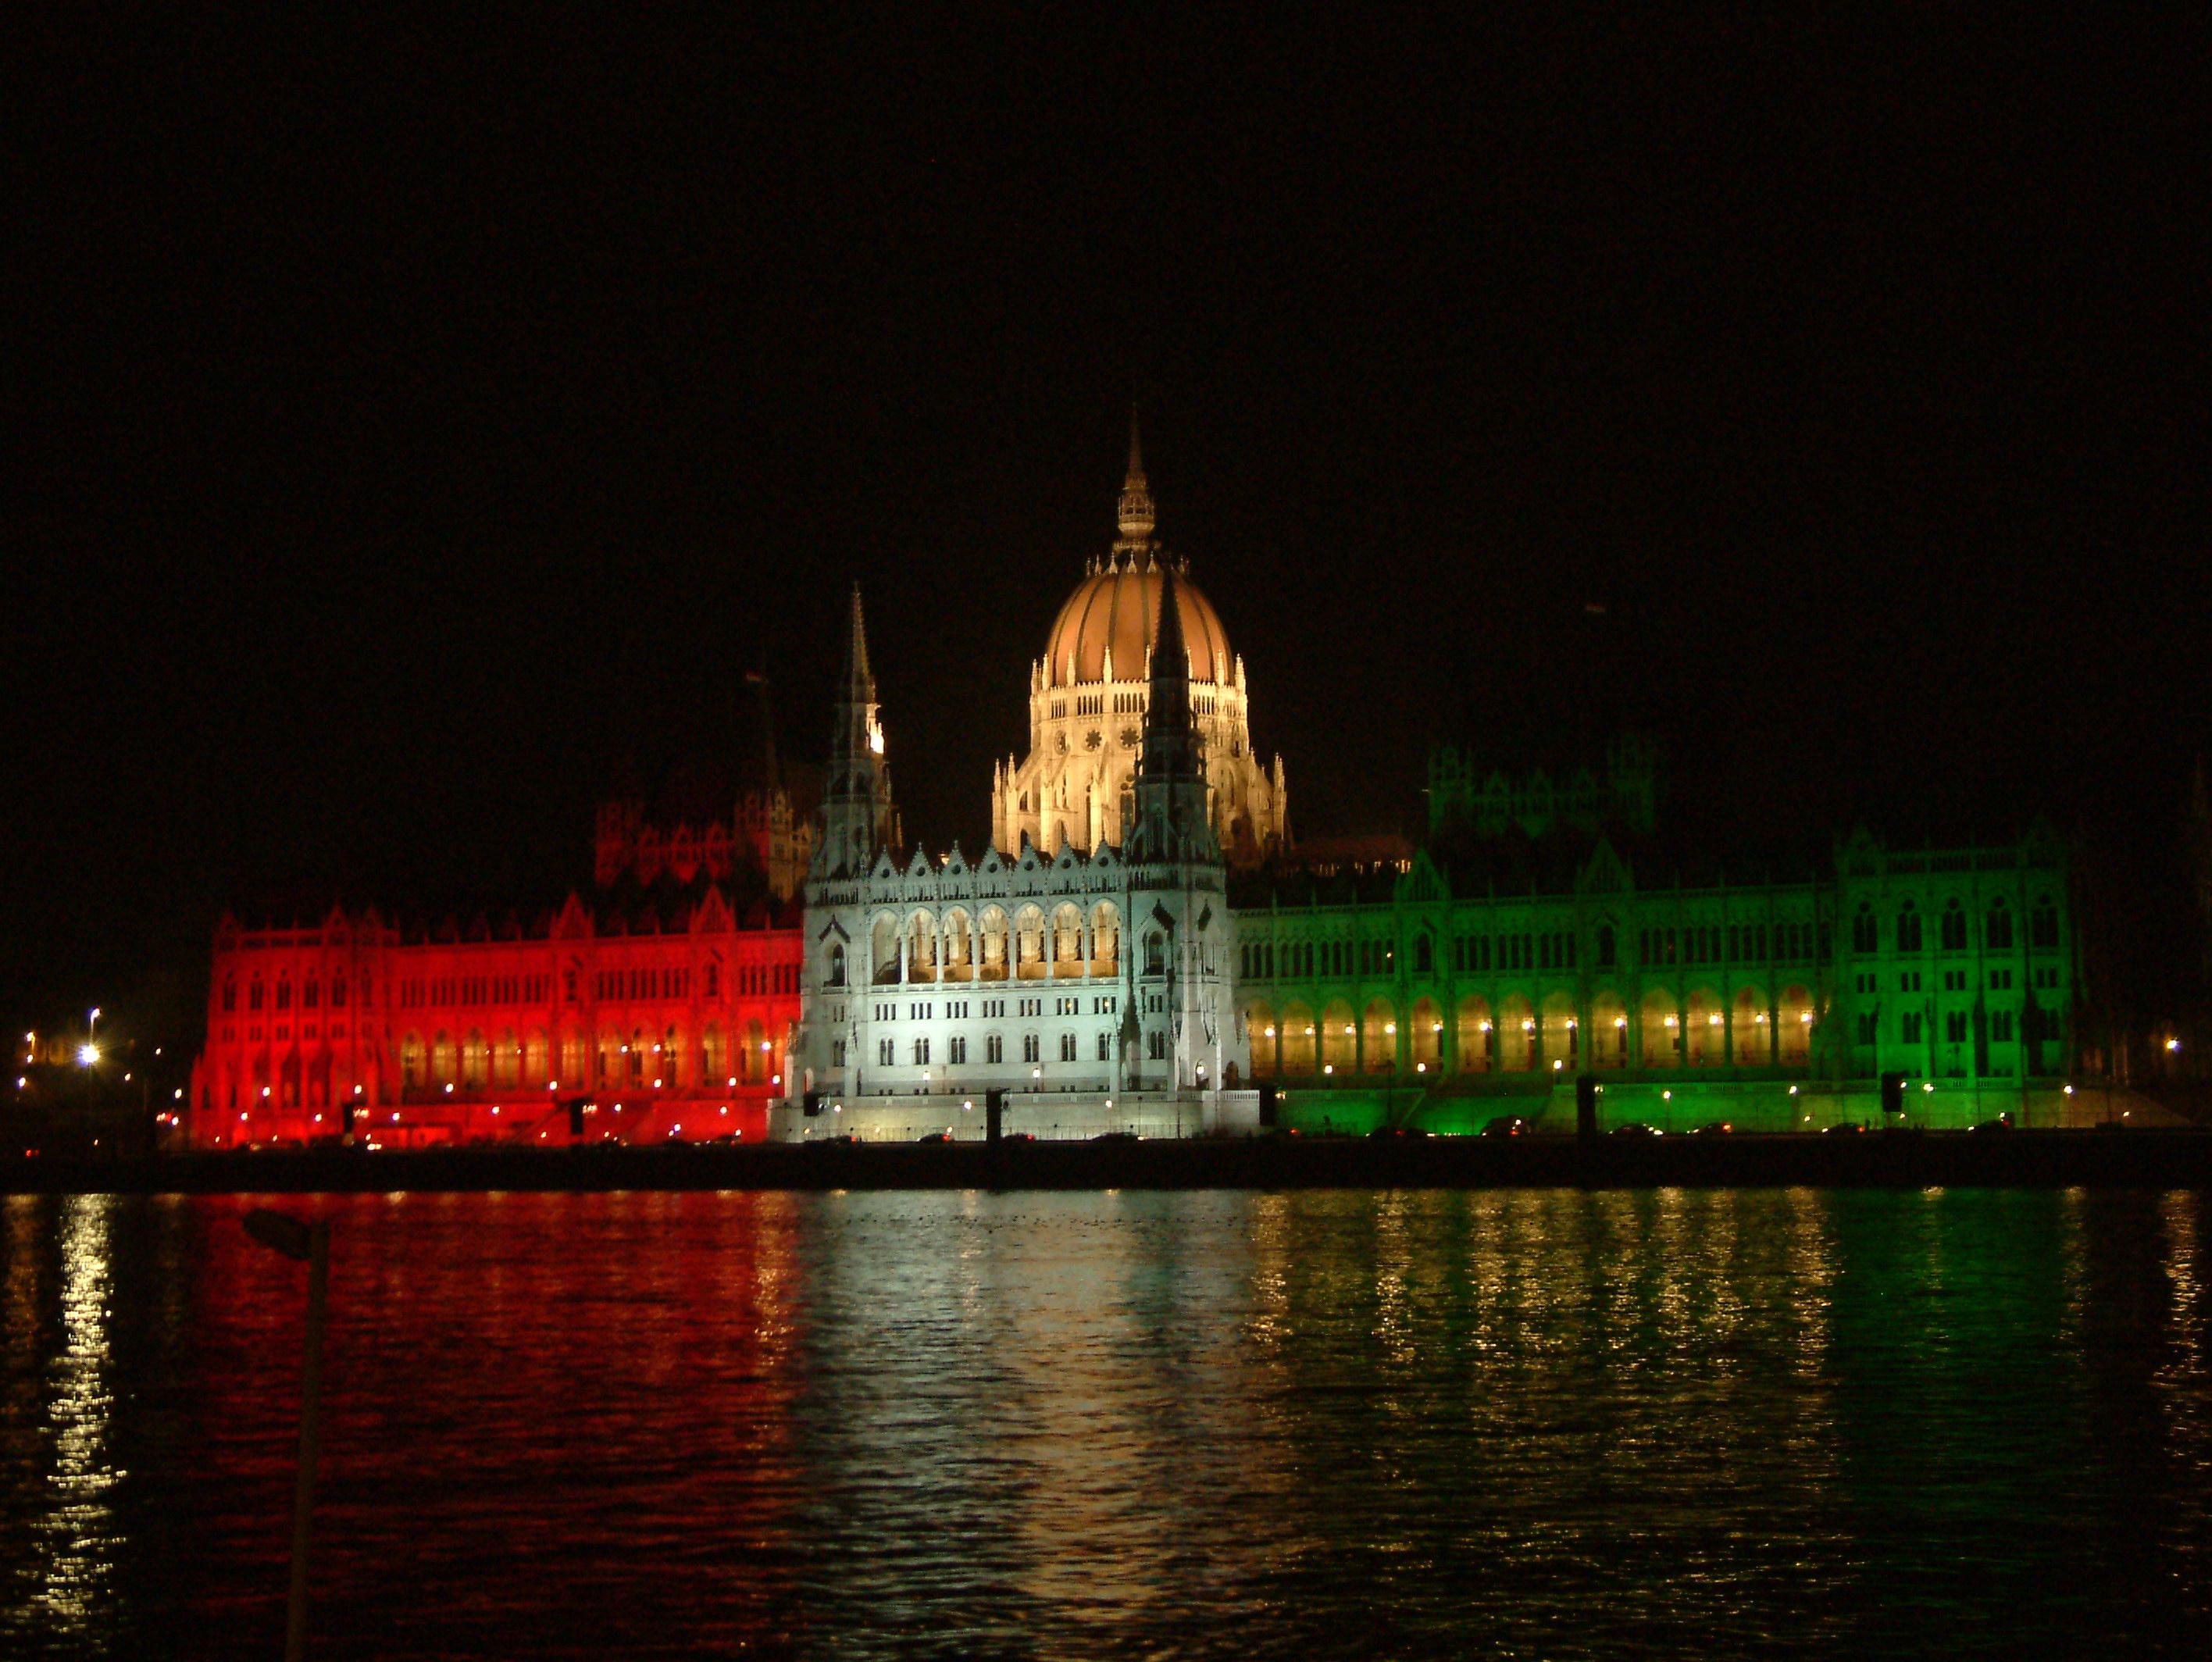 Parlament piros-fehér-zöld megvilágításban, Kép: wikimedia